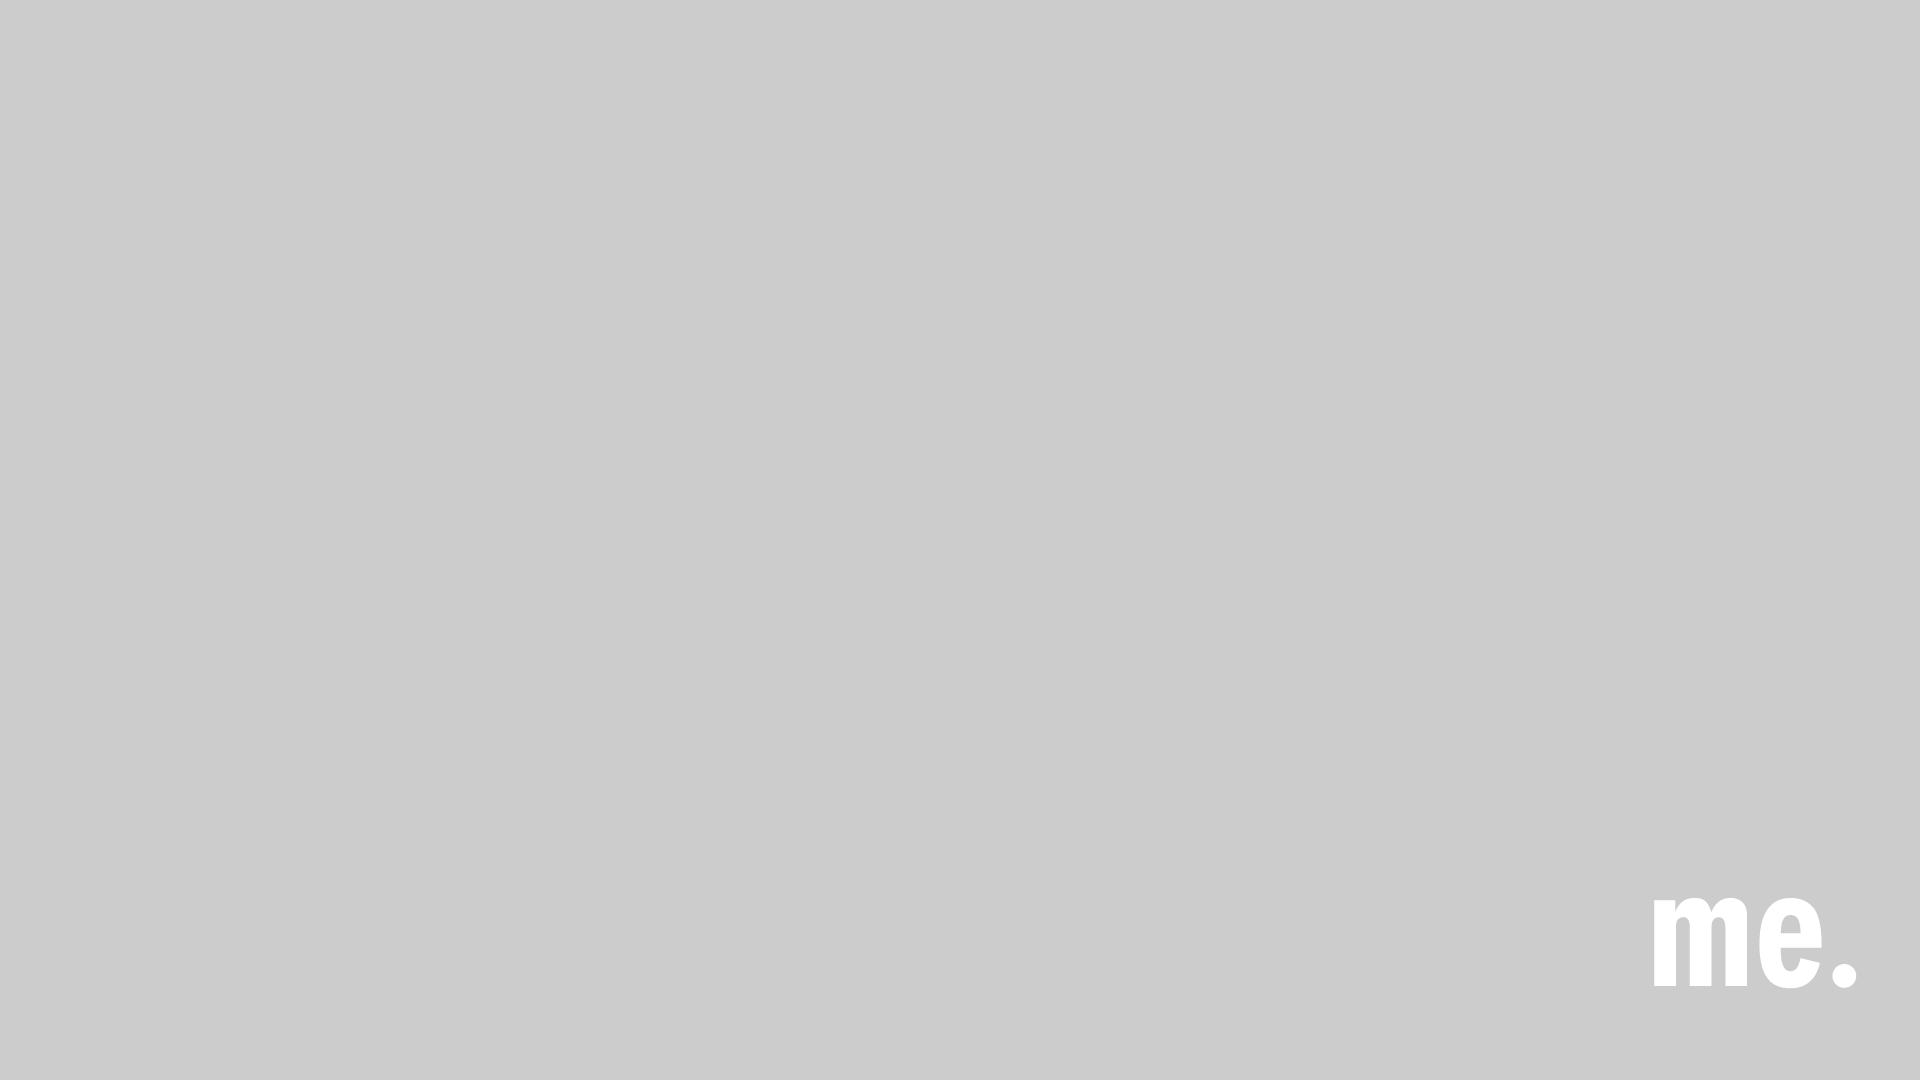 Toby Keith ist ein äußerst erfolgreicher Country-Sänger, der außerdem eine Restaurantkette besitzt. Platz 11: $55 Million